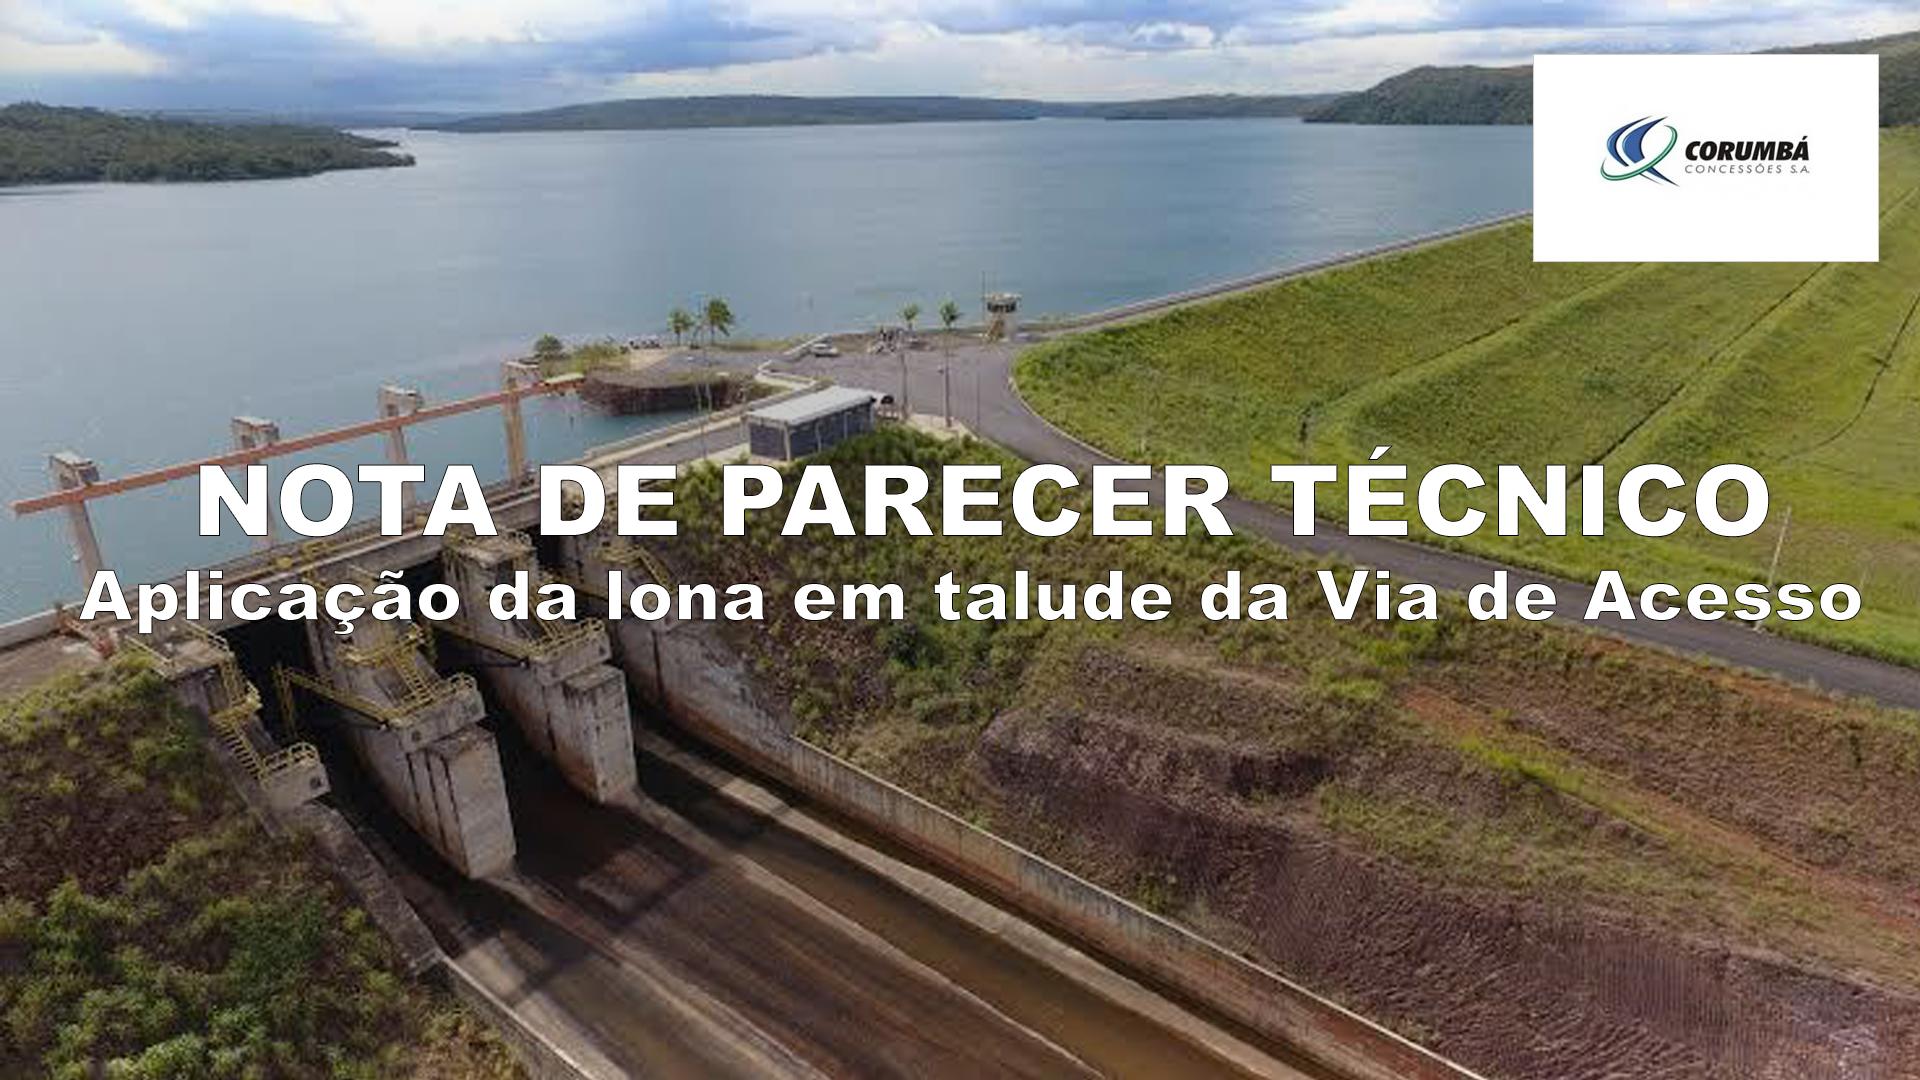 NOTA DE PARECER TÉCNICO DA CORUMBÁ CONCESSÕES S.A.